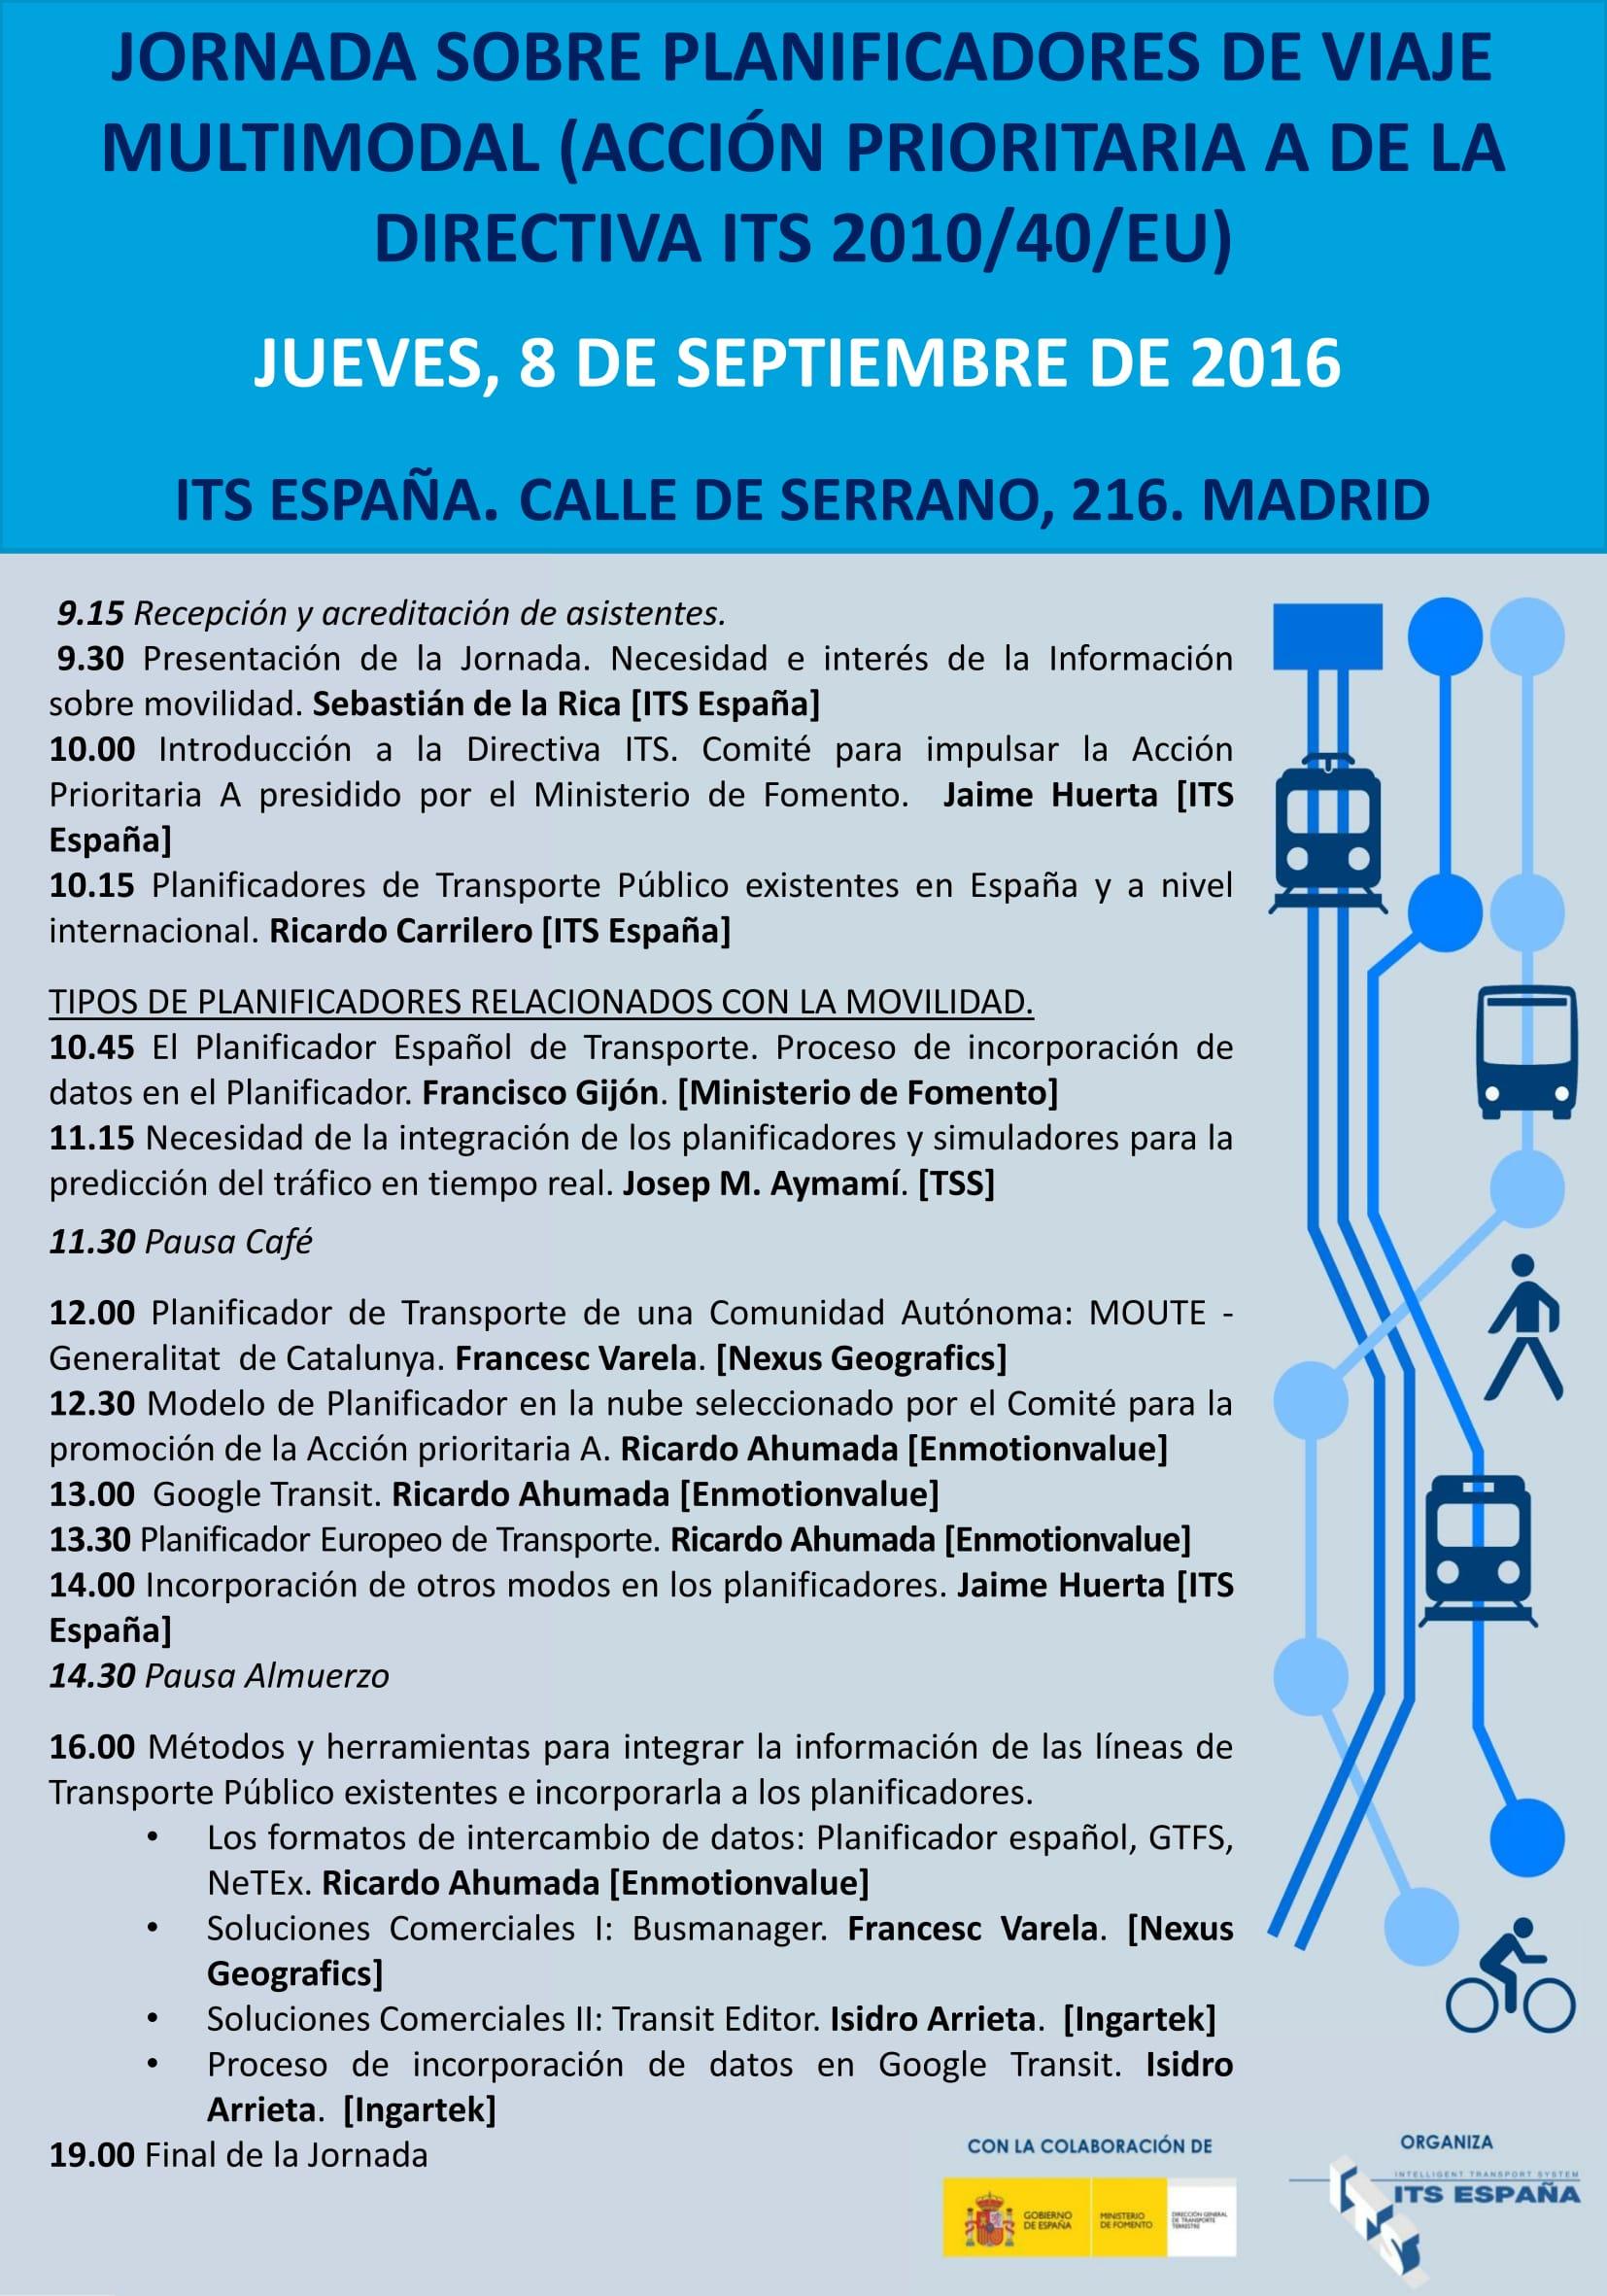 20160908-jornada-planificadores-de-viaje-multimodal-1